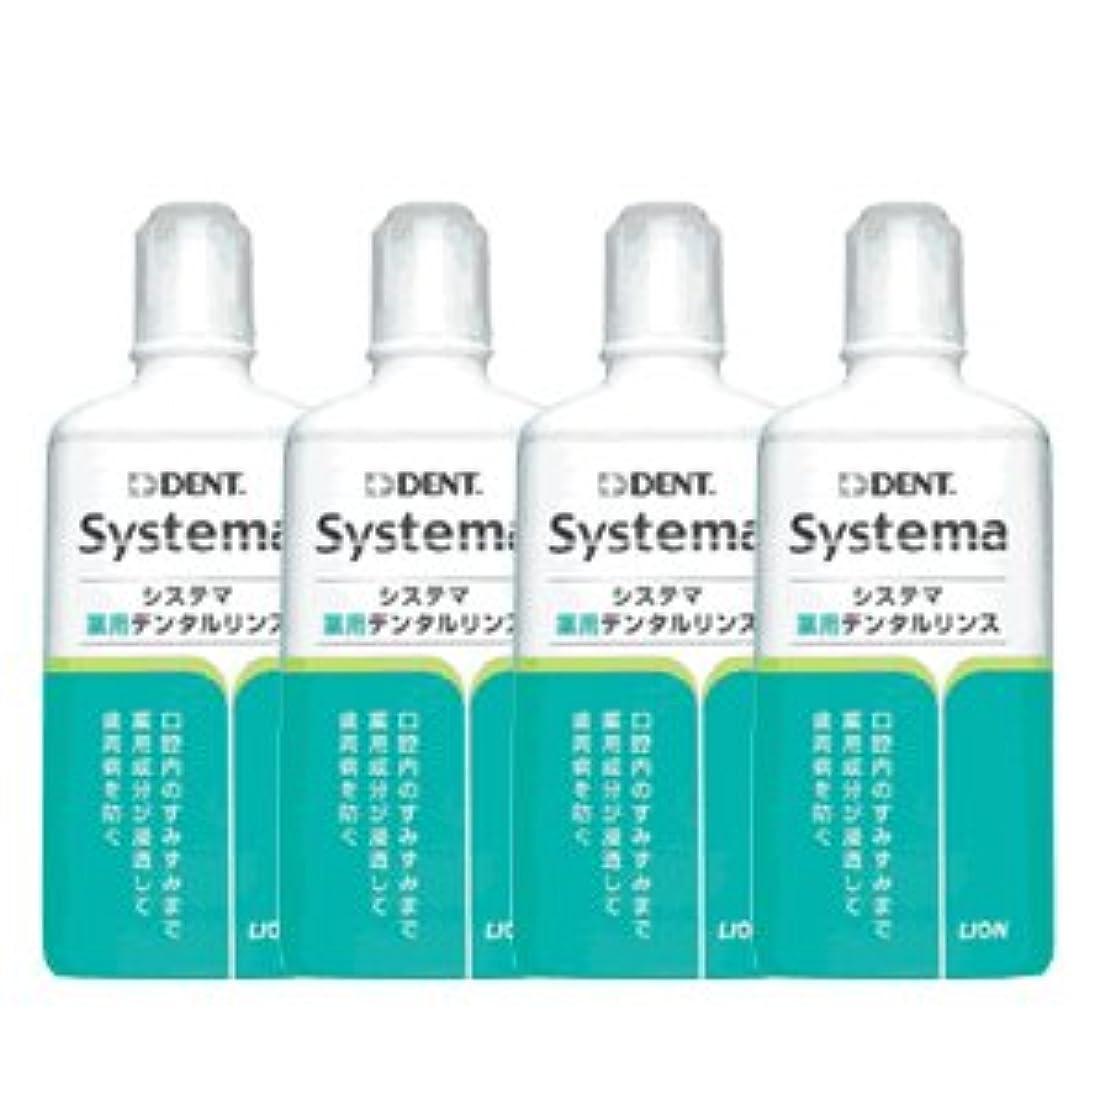 アイスクリーム消化器物理ライオン システマ 薬用 デンタルリンス 450ml レギュラータイプ 4本セット 医薬部外品